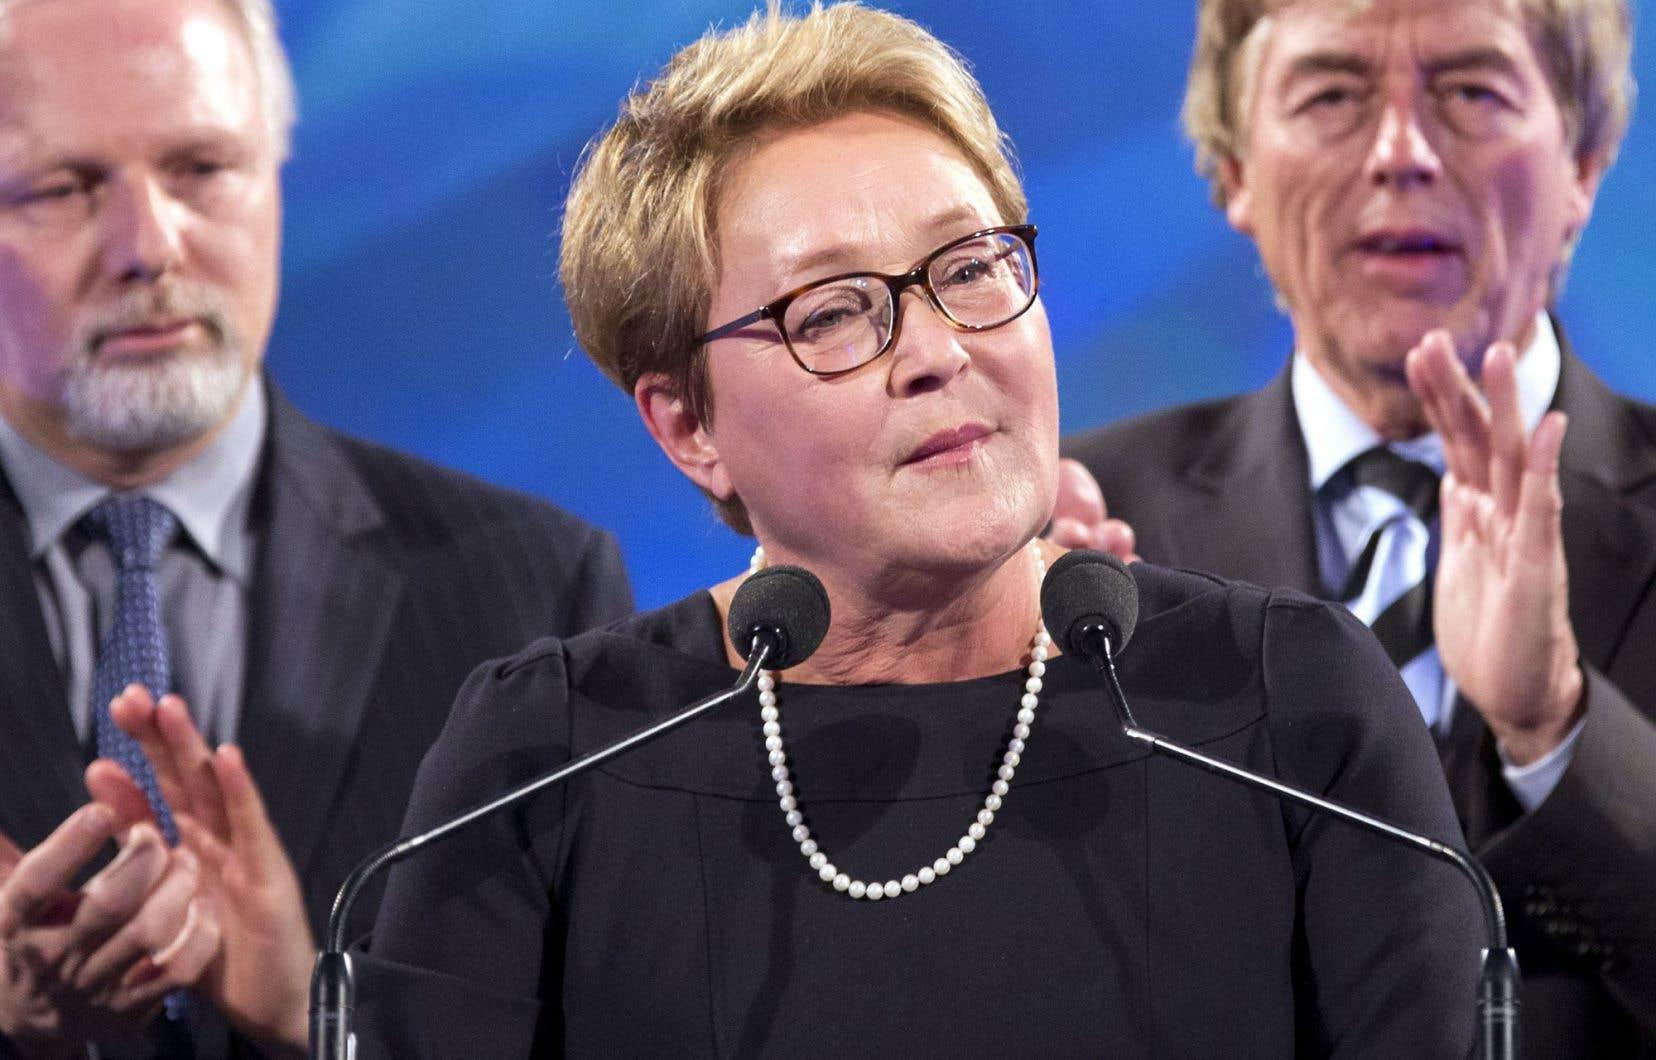 Pauline Marois a encaissé durement sa défaite — et celle de son parti — au soir du 7 avril 2014. Sur scène, elle était notamment entourée de Jean-François Lisée (qui brigue sa succession) et de son mari, Claude Blanchet.